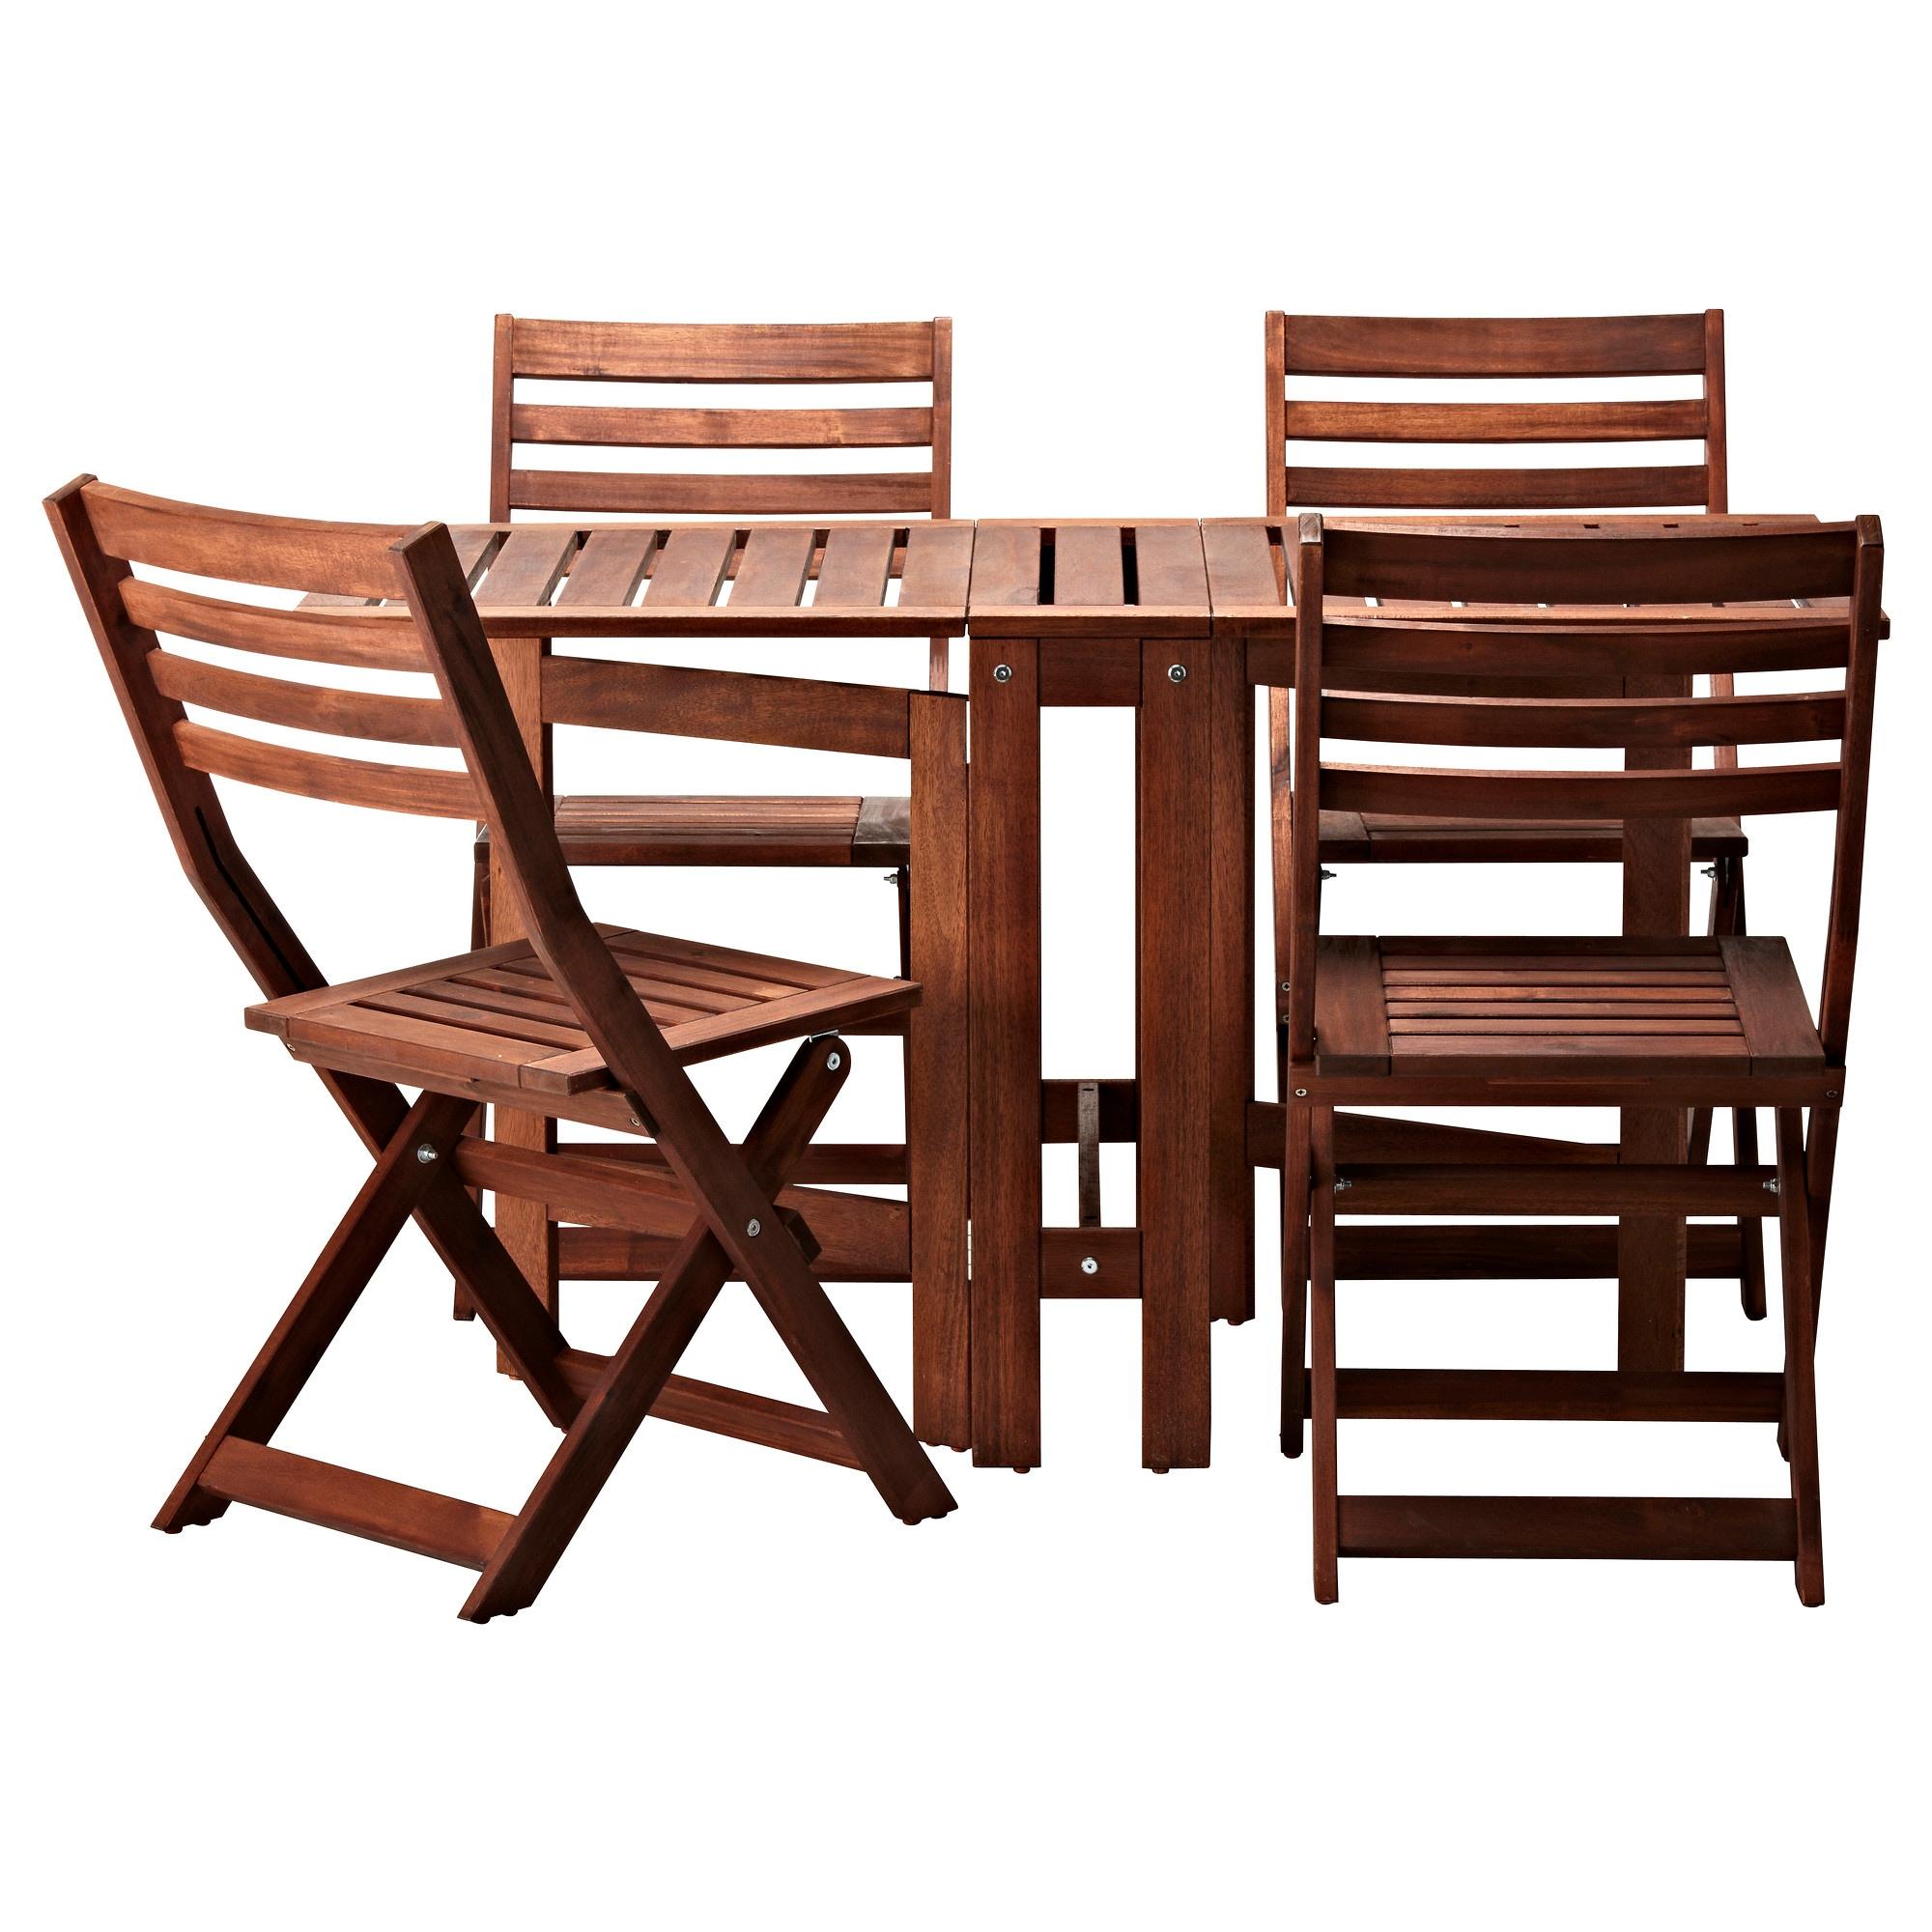 Full Size of Top Angebot Ikea Gartentisch Set Pplar 5 Teilig Nur 198 Sofa Mit Schlaffunktion Küche Kosten Betten 160x200 Modulküche Miniküche Kaufen Bei Wohnzimmer Ikea Gartentisch